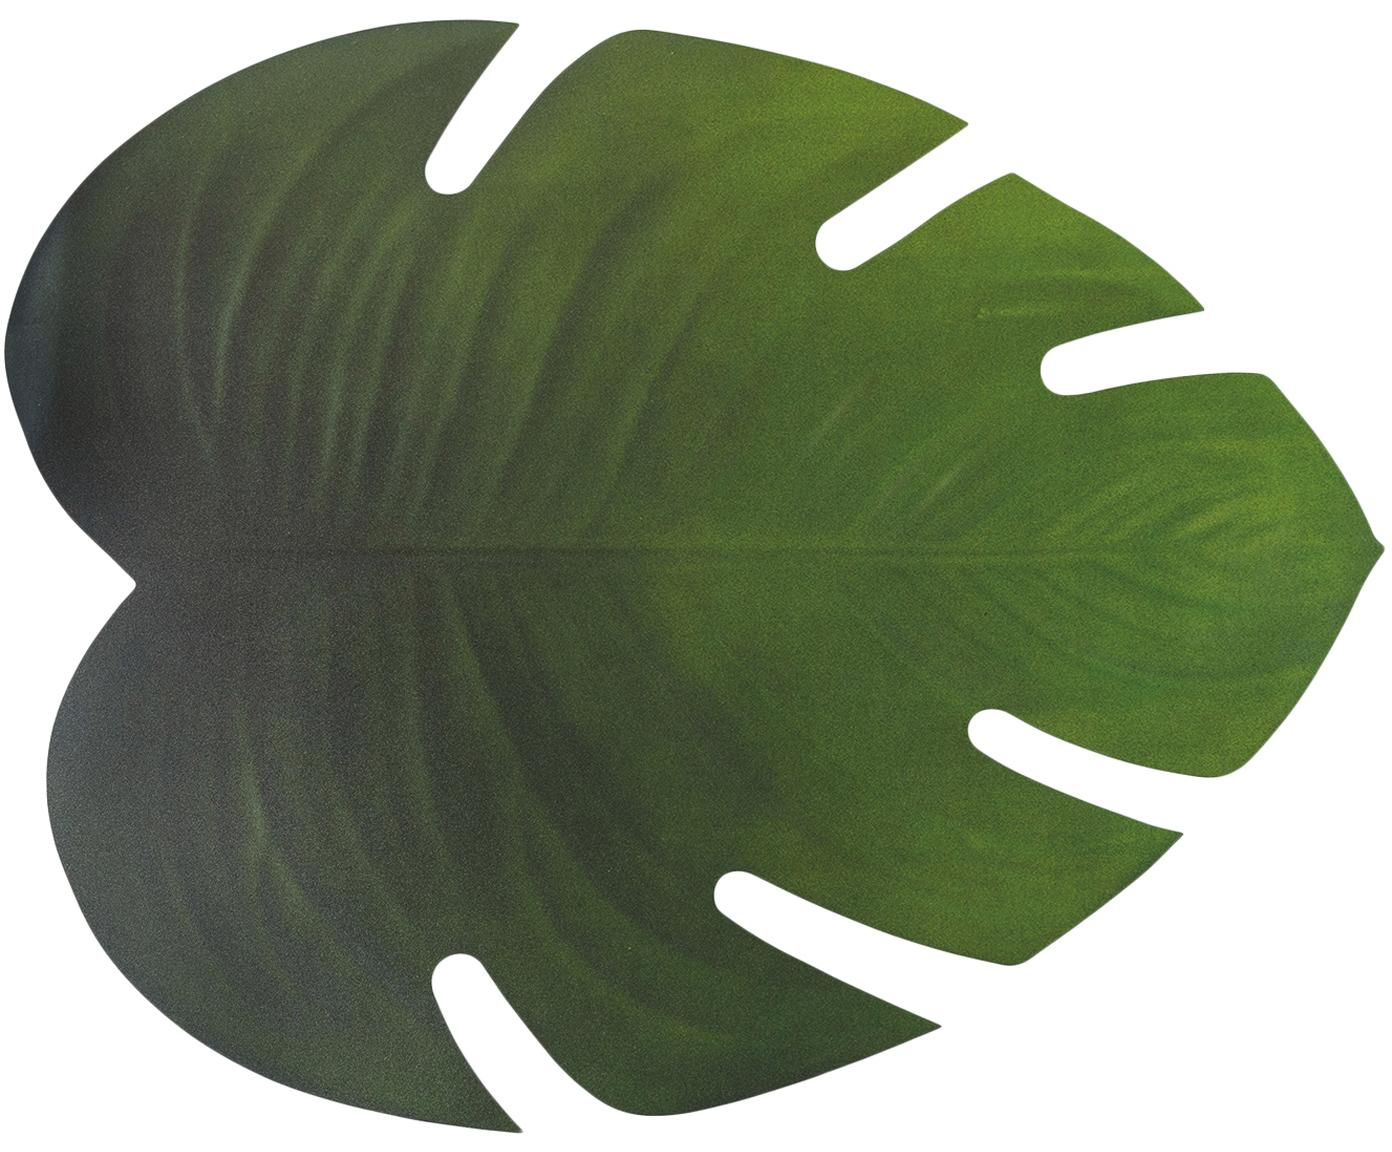 Manteles individuales de plástico Jungle, 6uds., Plástico (PCV), Verde, An 37 x L 47 cm